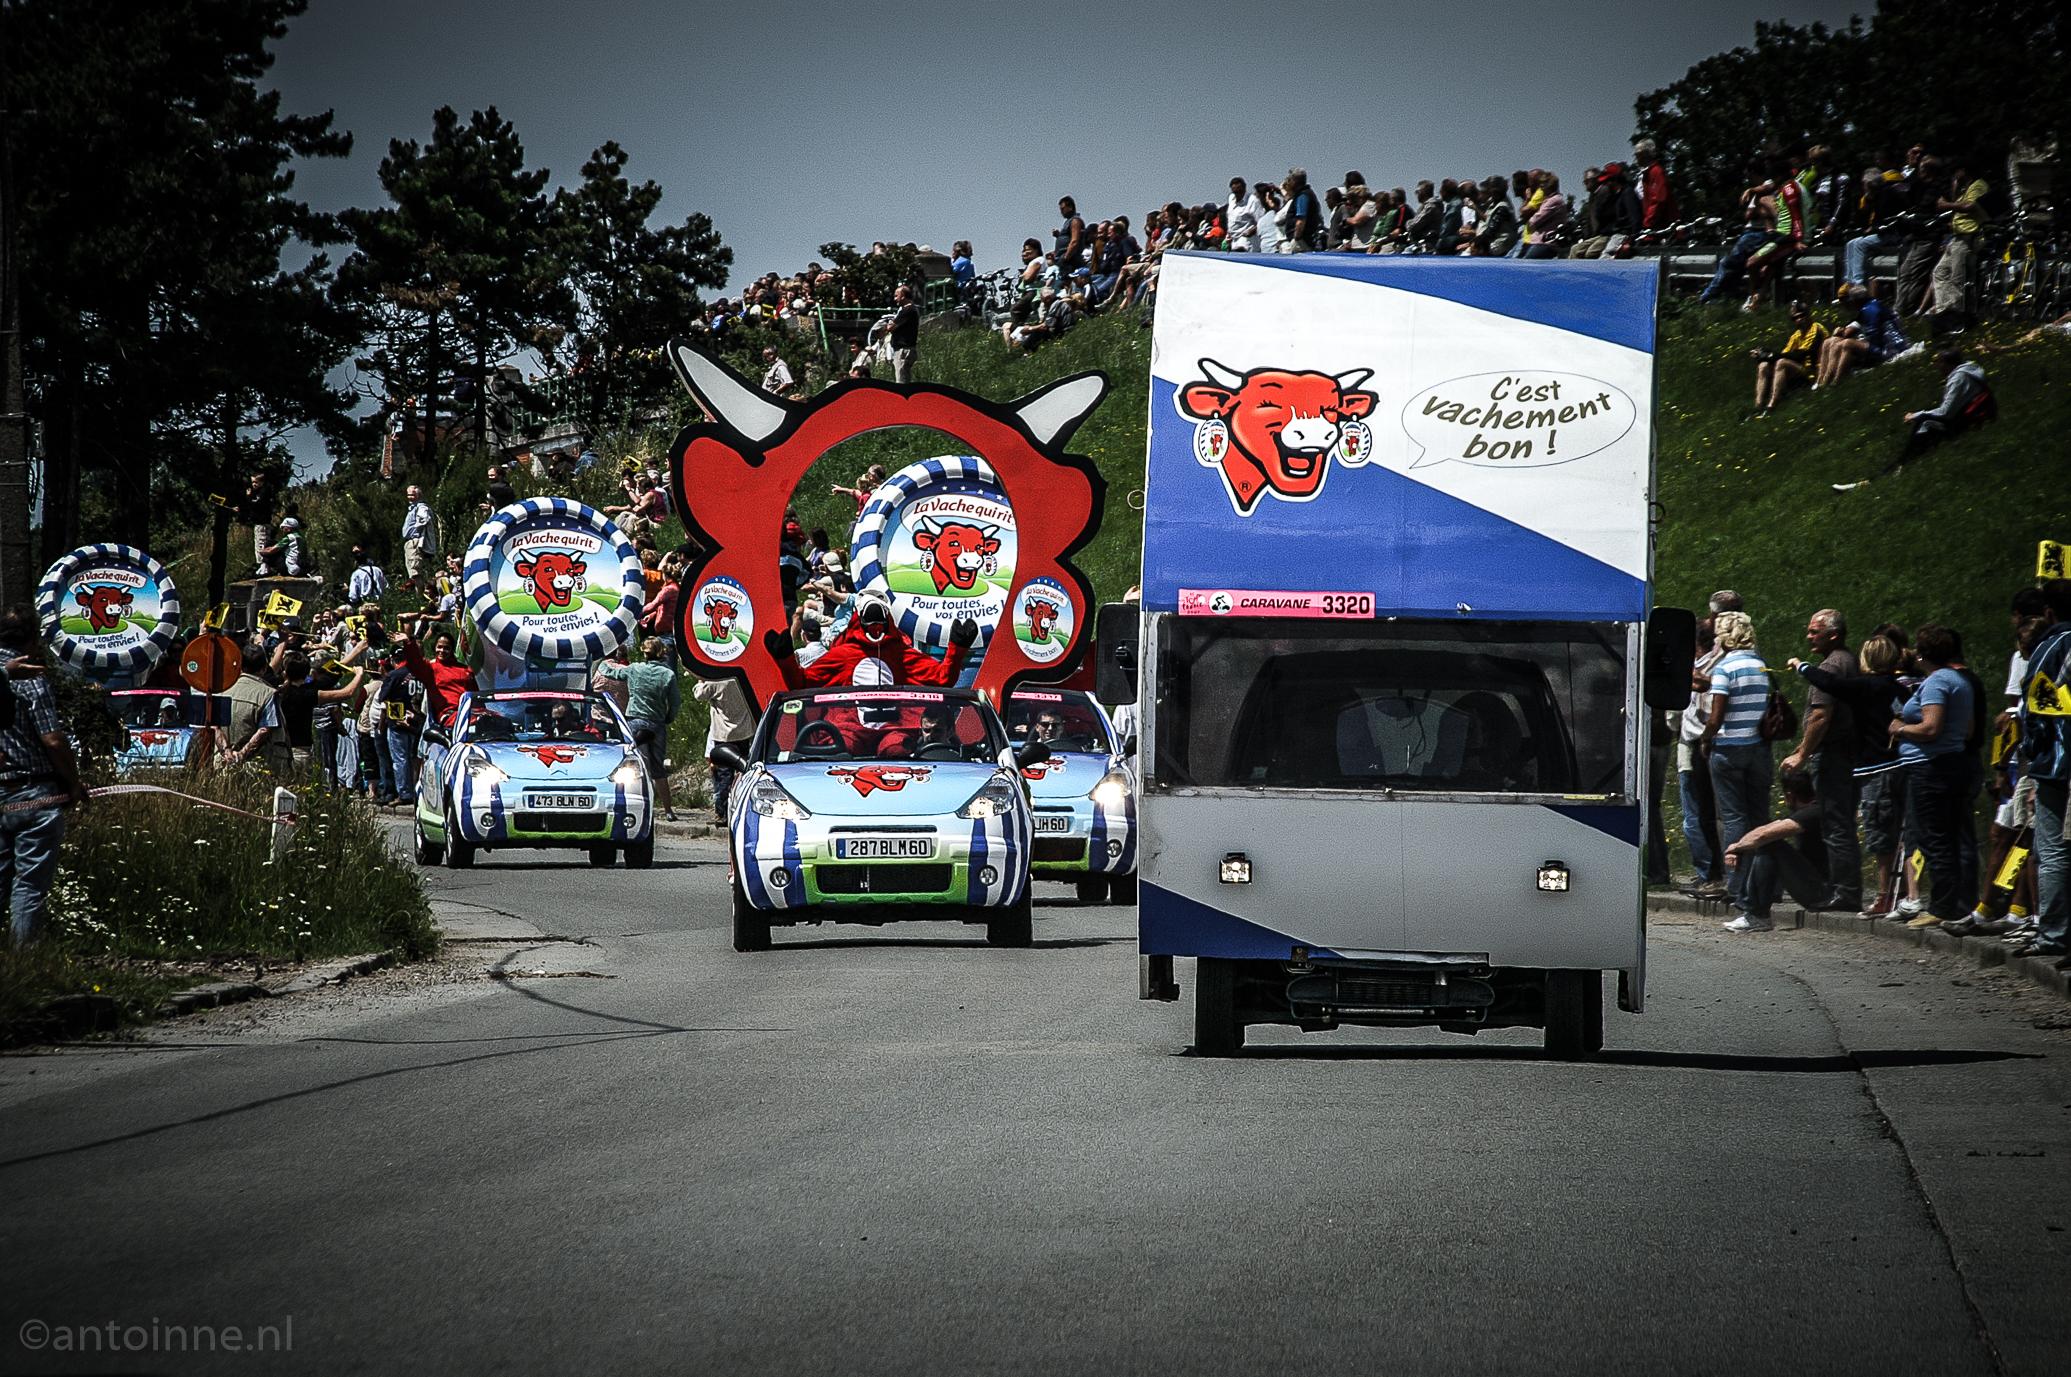 La caravane publicitaire du Tour de France (Dunkerque - Gand, 2007)